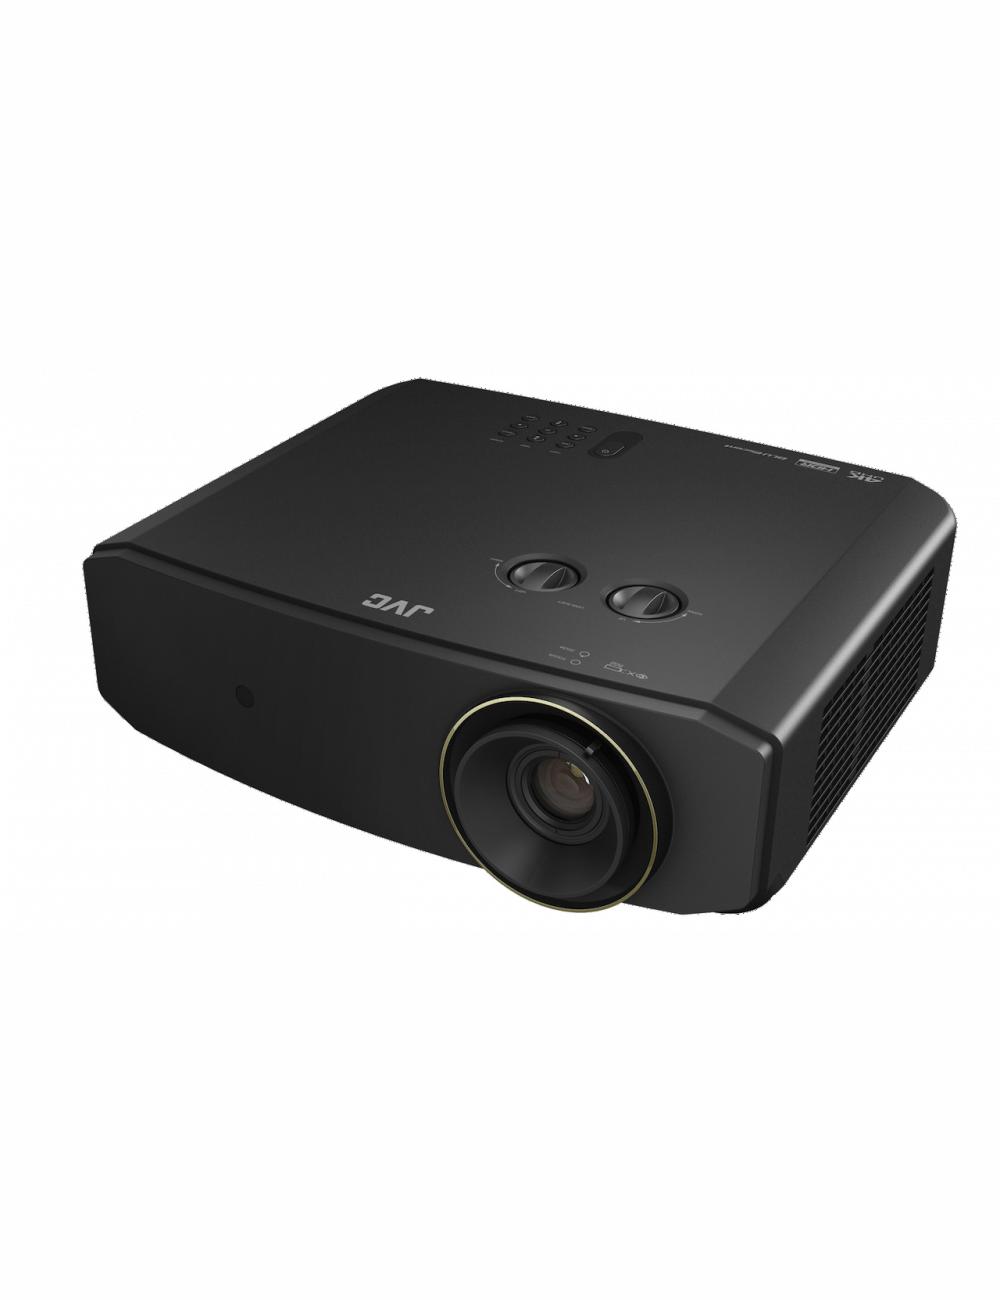 Proiettore laser 4K HDR per Home Cinema, JVC DLA-N5, vista superiore, finitura black